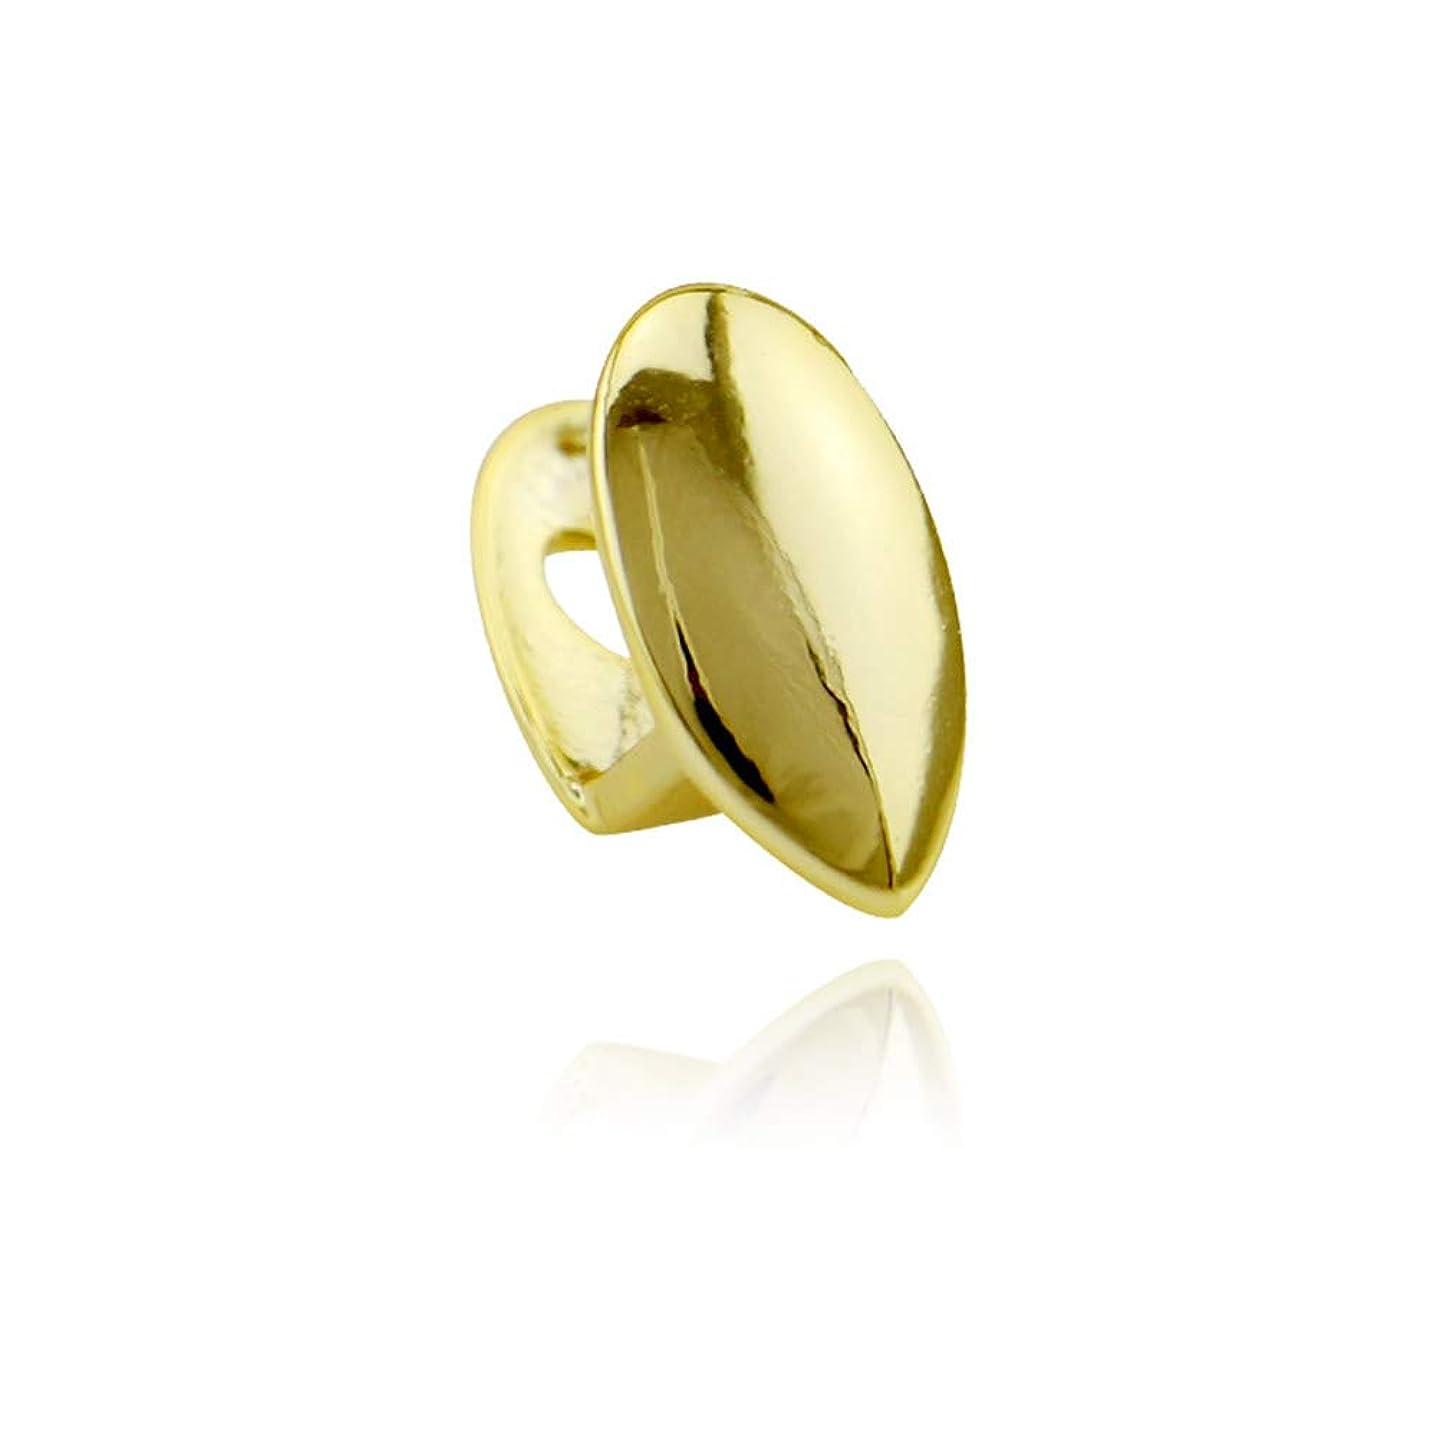 タワー結晶あえて新しい単一の滑らかな金の歯ヒップホップメッキゴールドバーベキュー牙フルメタルジュエリーブレース笑顔完璧なアクセサリーハロウィンパーティーロールプレイ,Gold